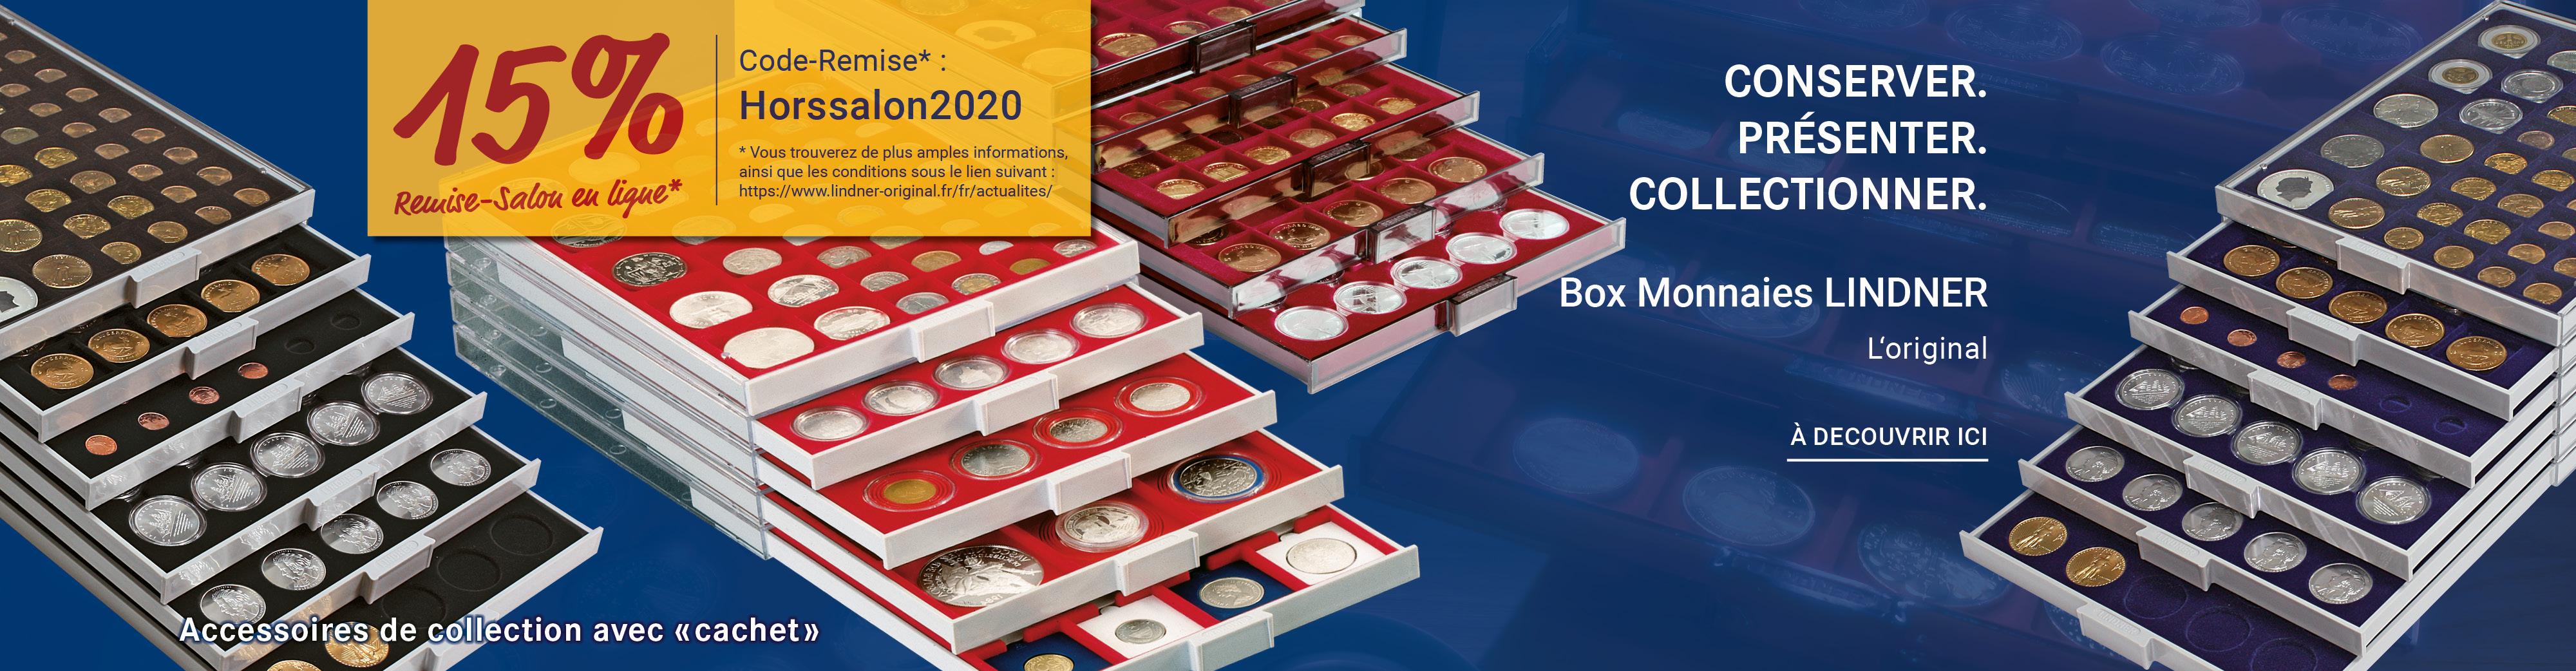 BOX MONNAIES